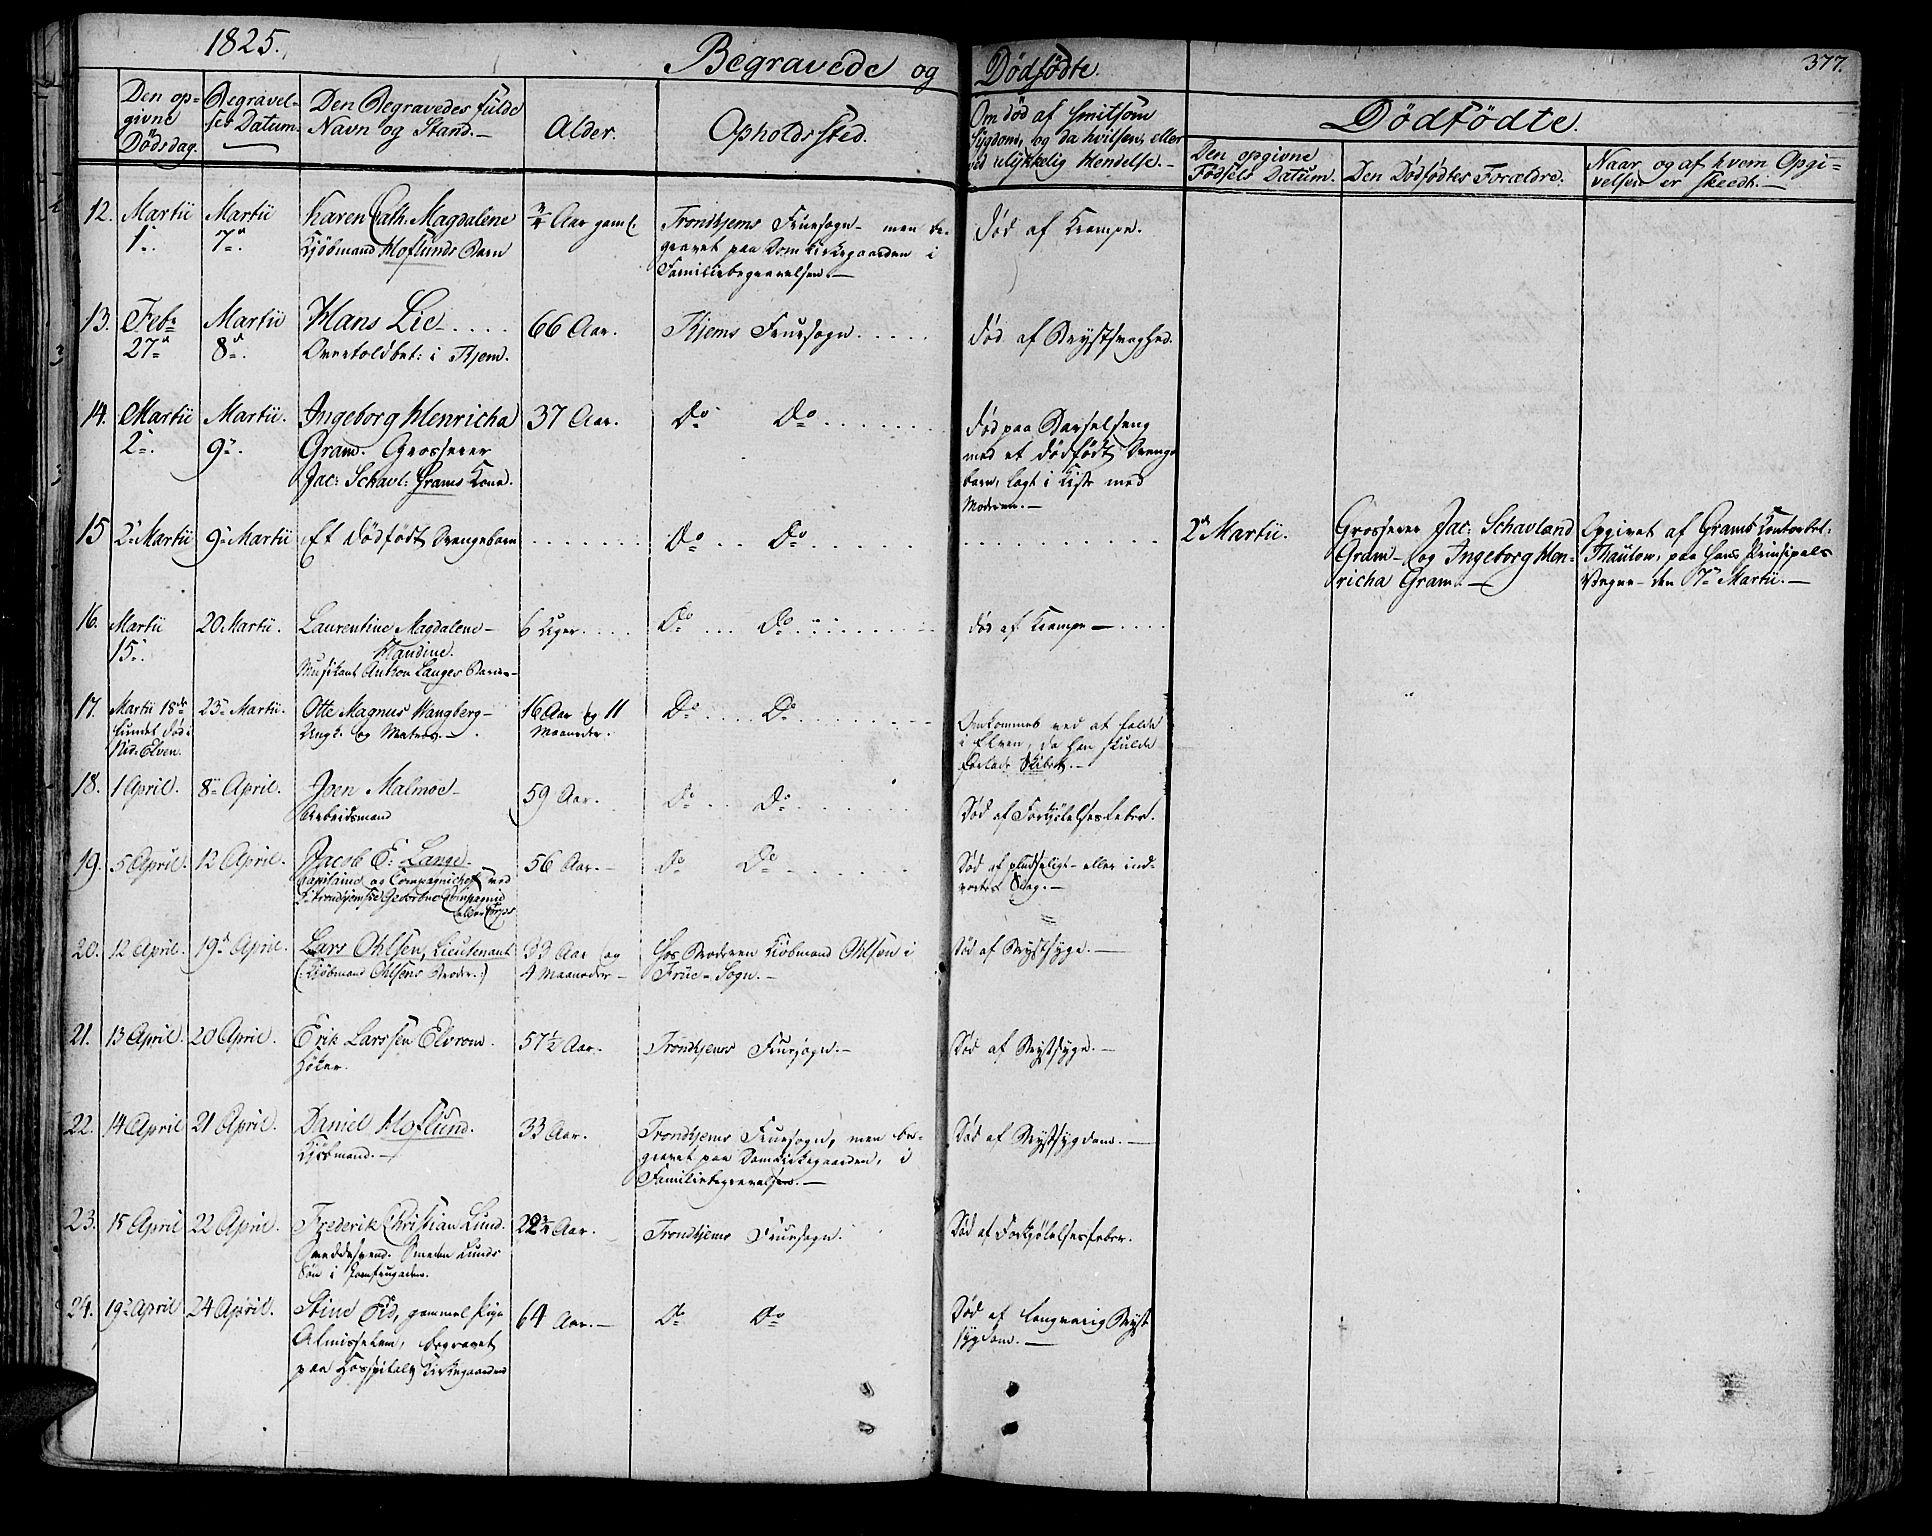 SAT, Ministerialprotokoller, klokkerbøker og fødselsregistre - Sør-Trøndelag, 602/L0109: Ministerialbok nr. 602A07, 1821-1840, s. 377